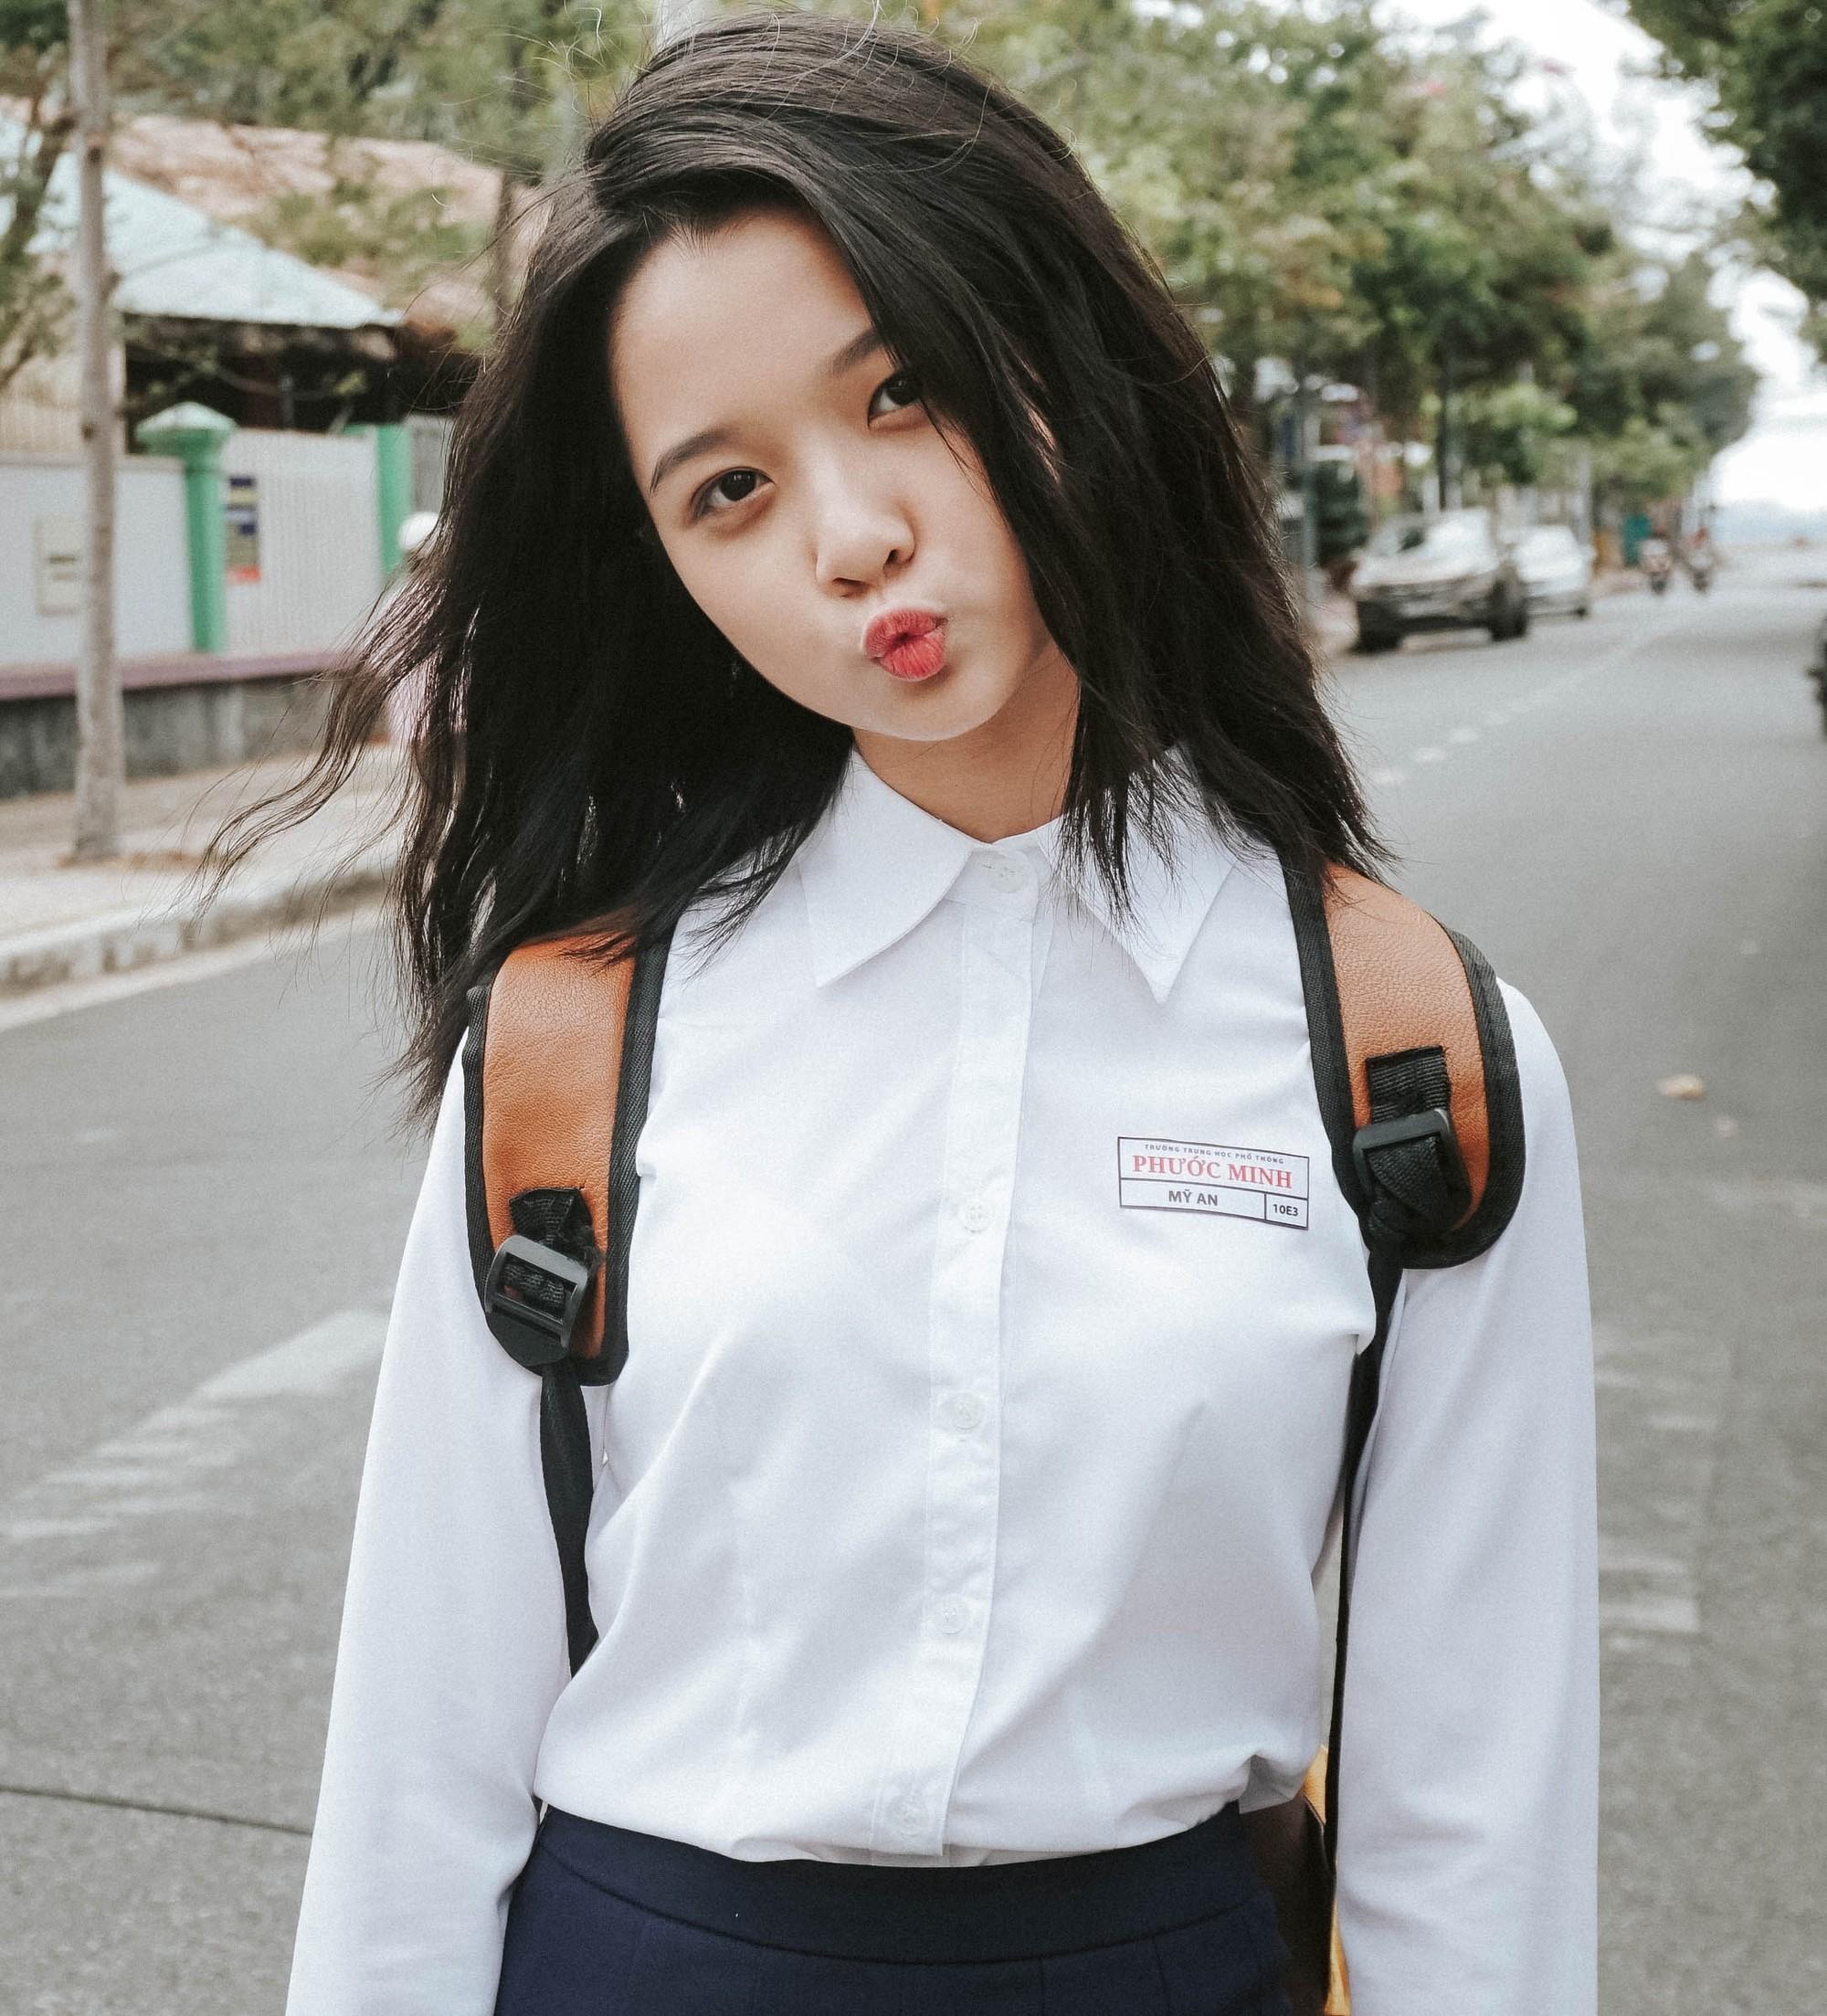 4 ngọc nữ nhí không đợi tuổi đã vụt sáng của V-biz: từ bản sao Kim Yoo Jung đến Hoa hậu Việt Nam tương lai - Ảnh 4.